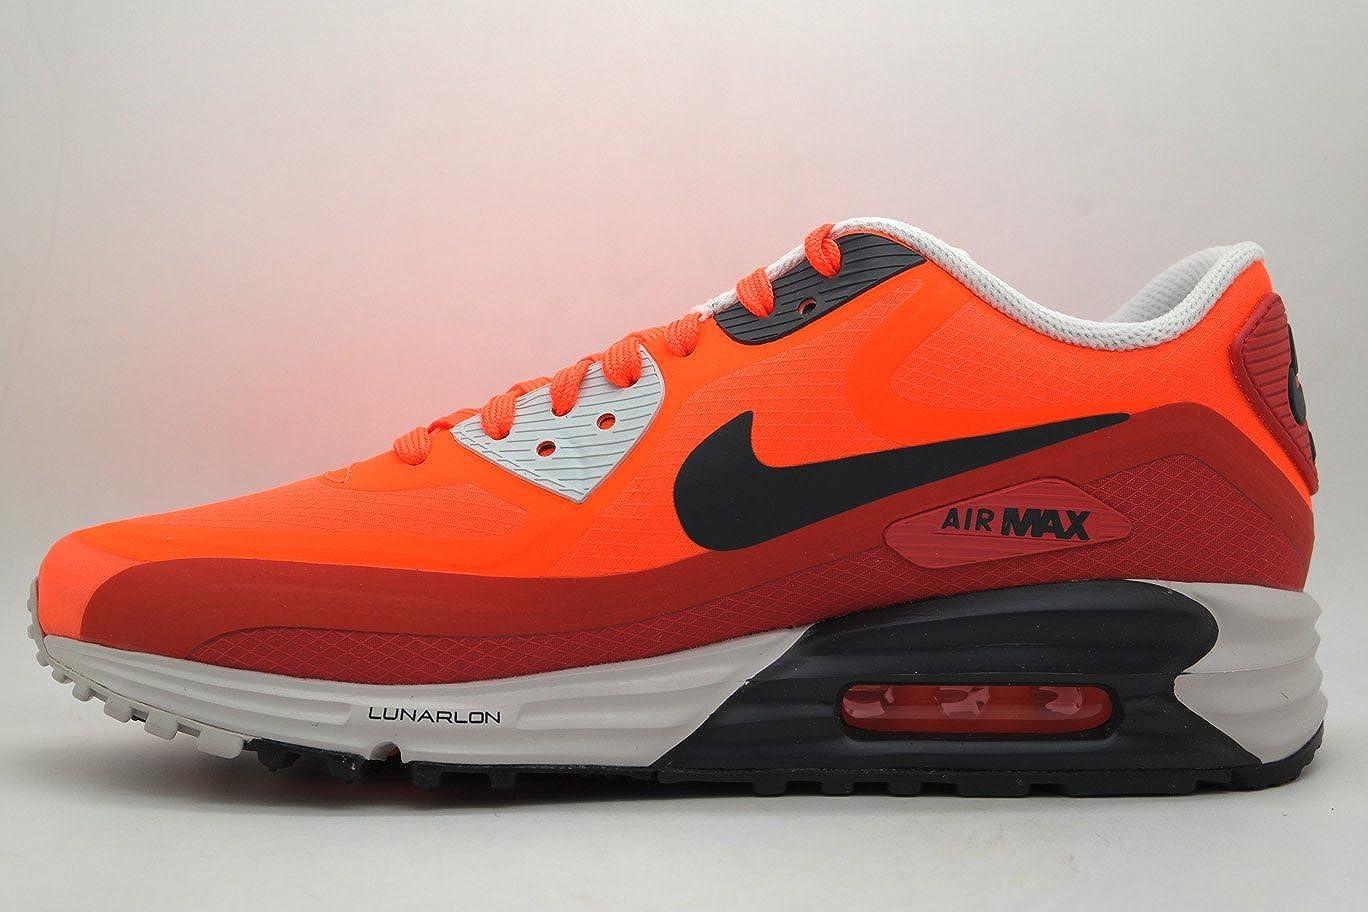 Nike Men's Air Max Lunar 90 WR Sneakers, Crimson Dark Ash Red Clay, 13 D(M) US